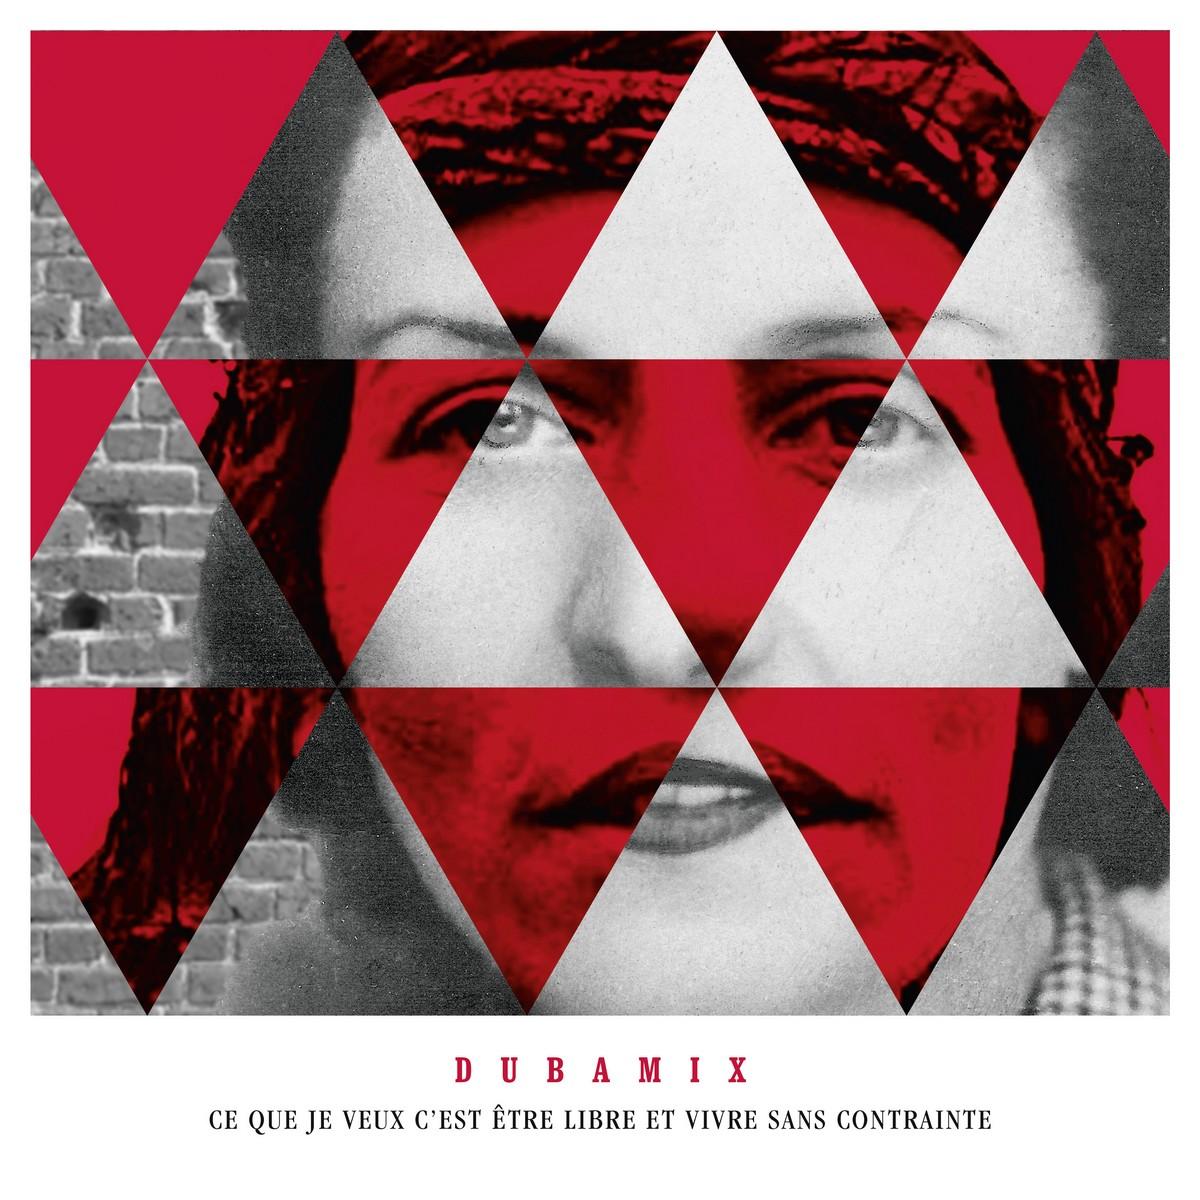 Dubamix-Visuel.indd